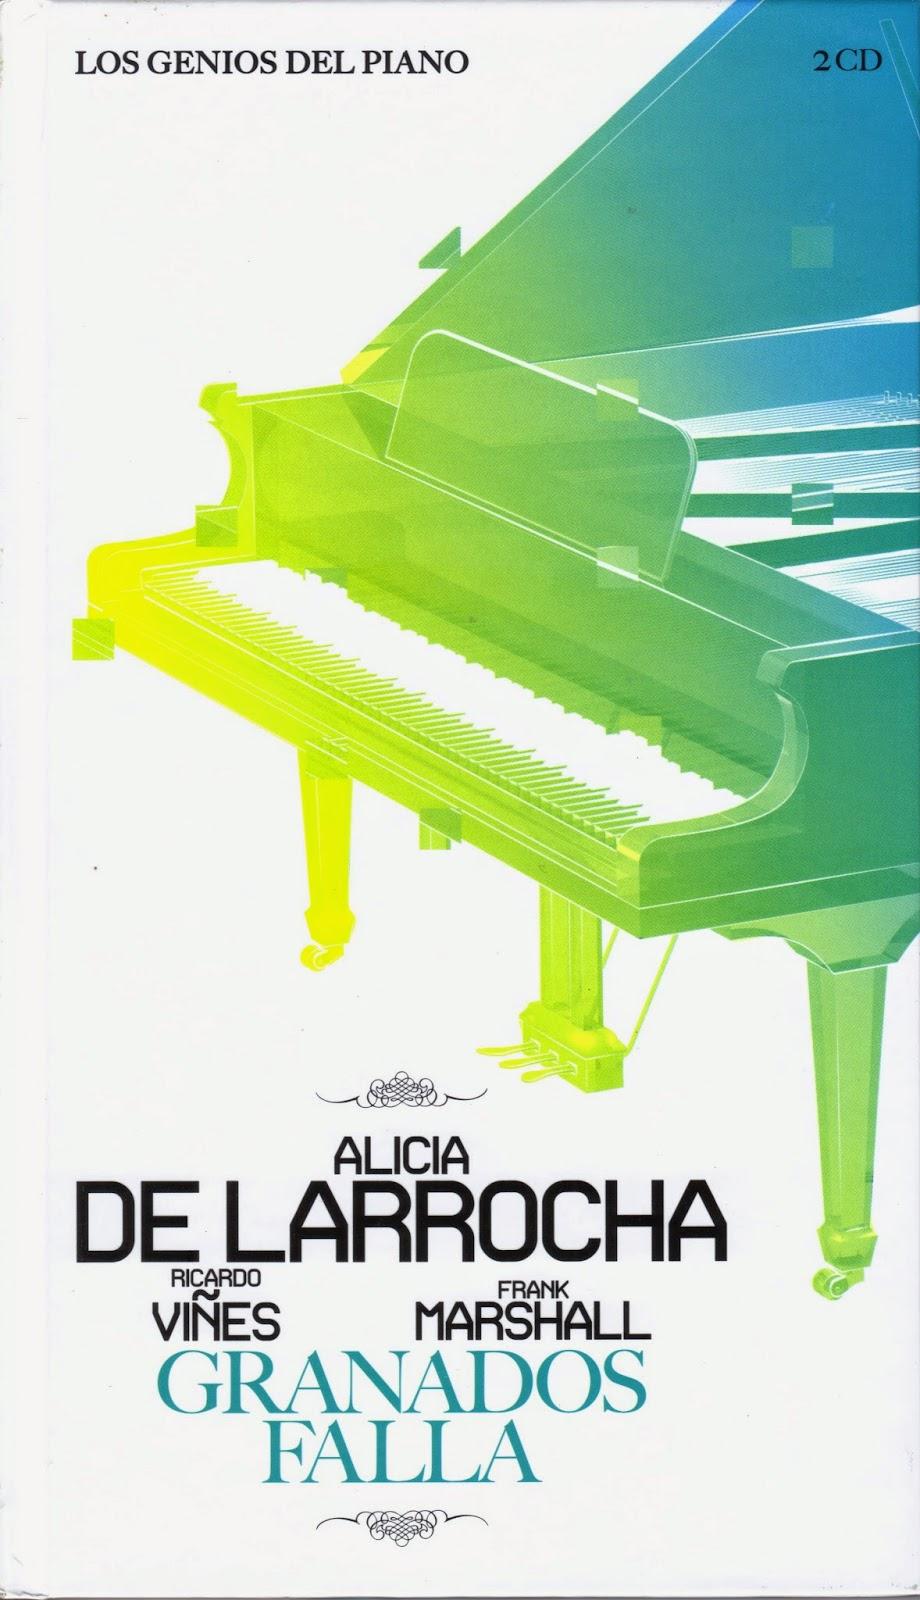 Imagen de Colección Los Genios del Piano-02-Alicia de Larrocha, Ricardo Viñes, Frank Marshall & Granados y Falla